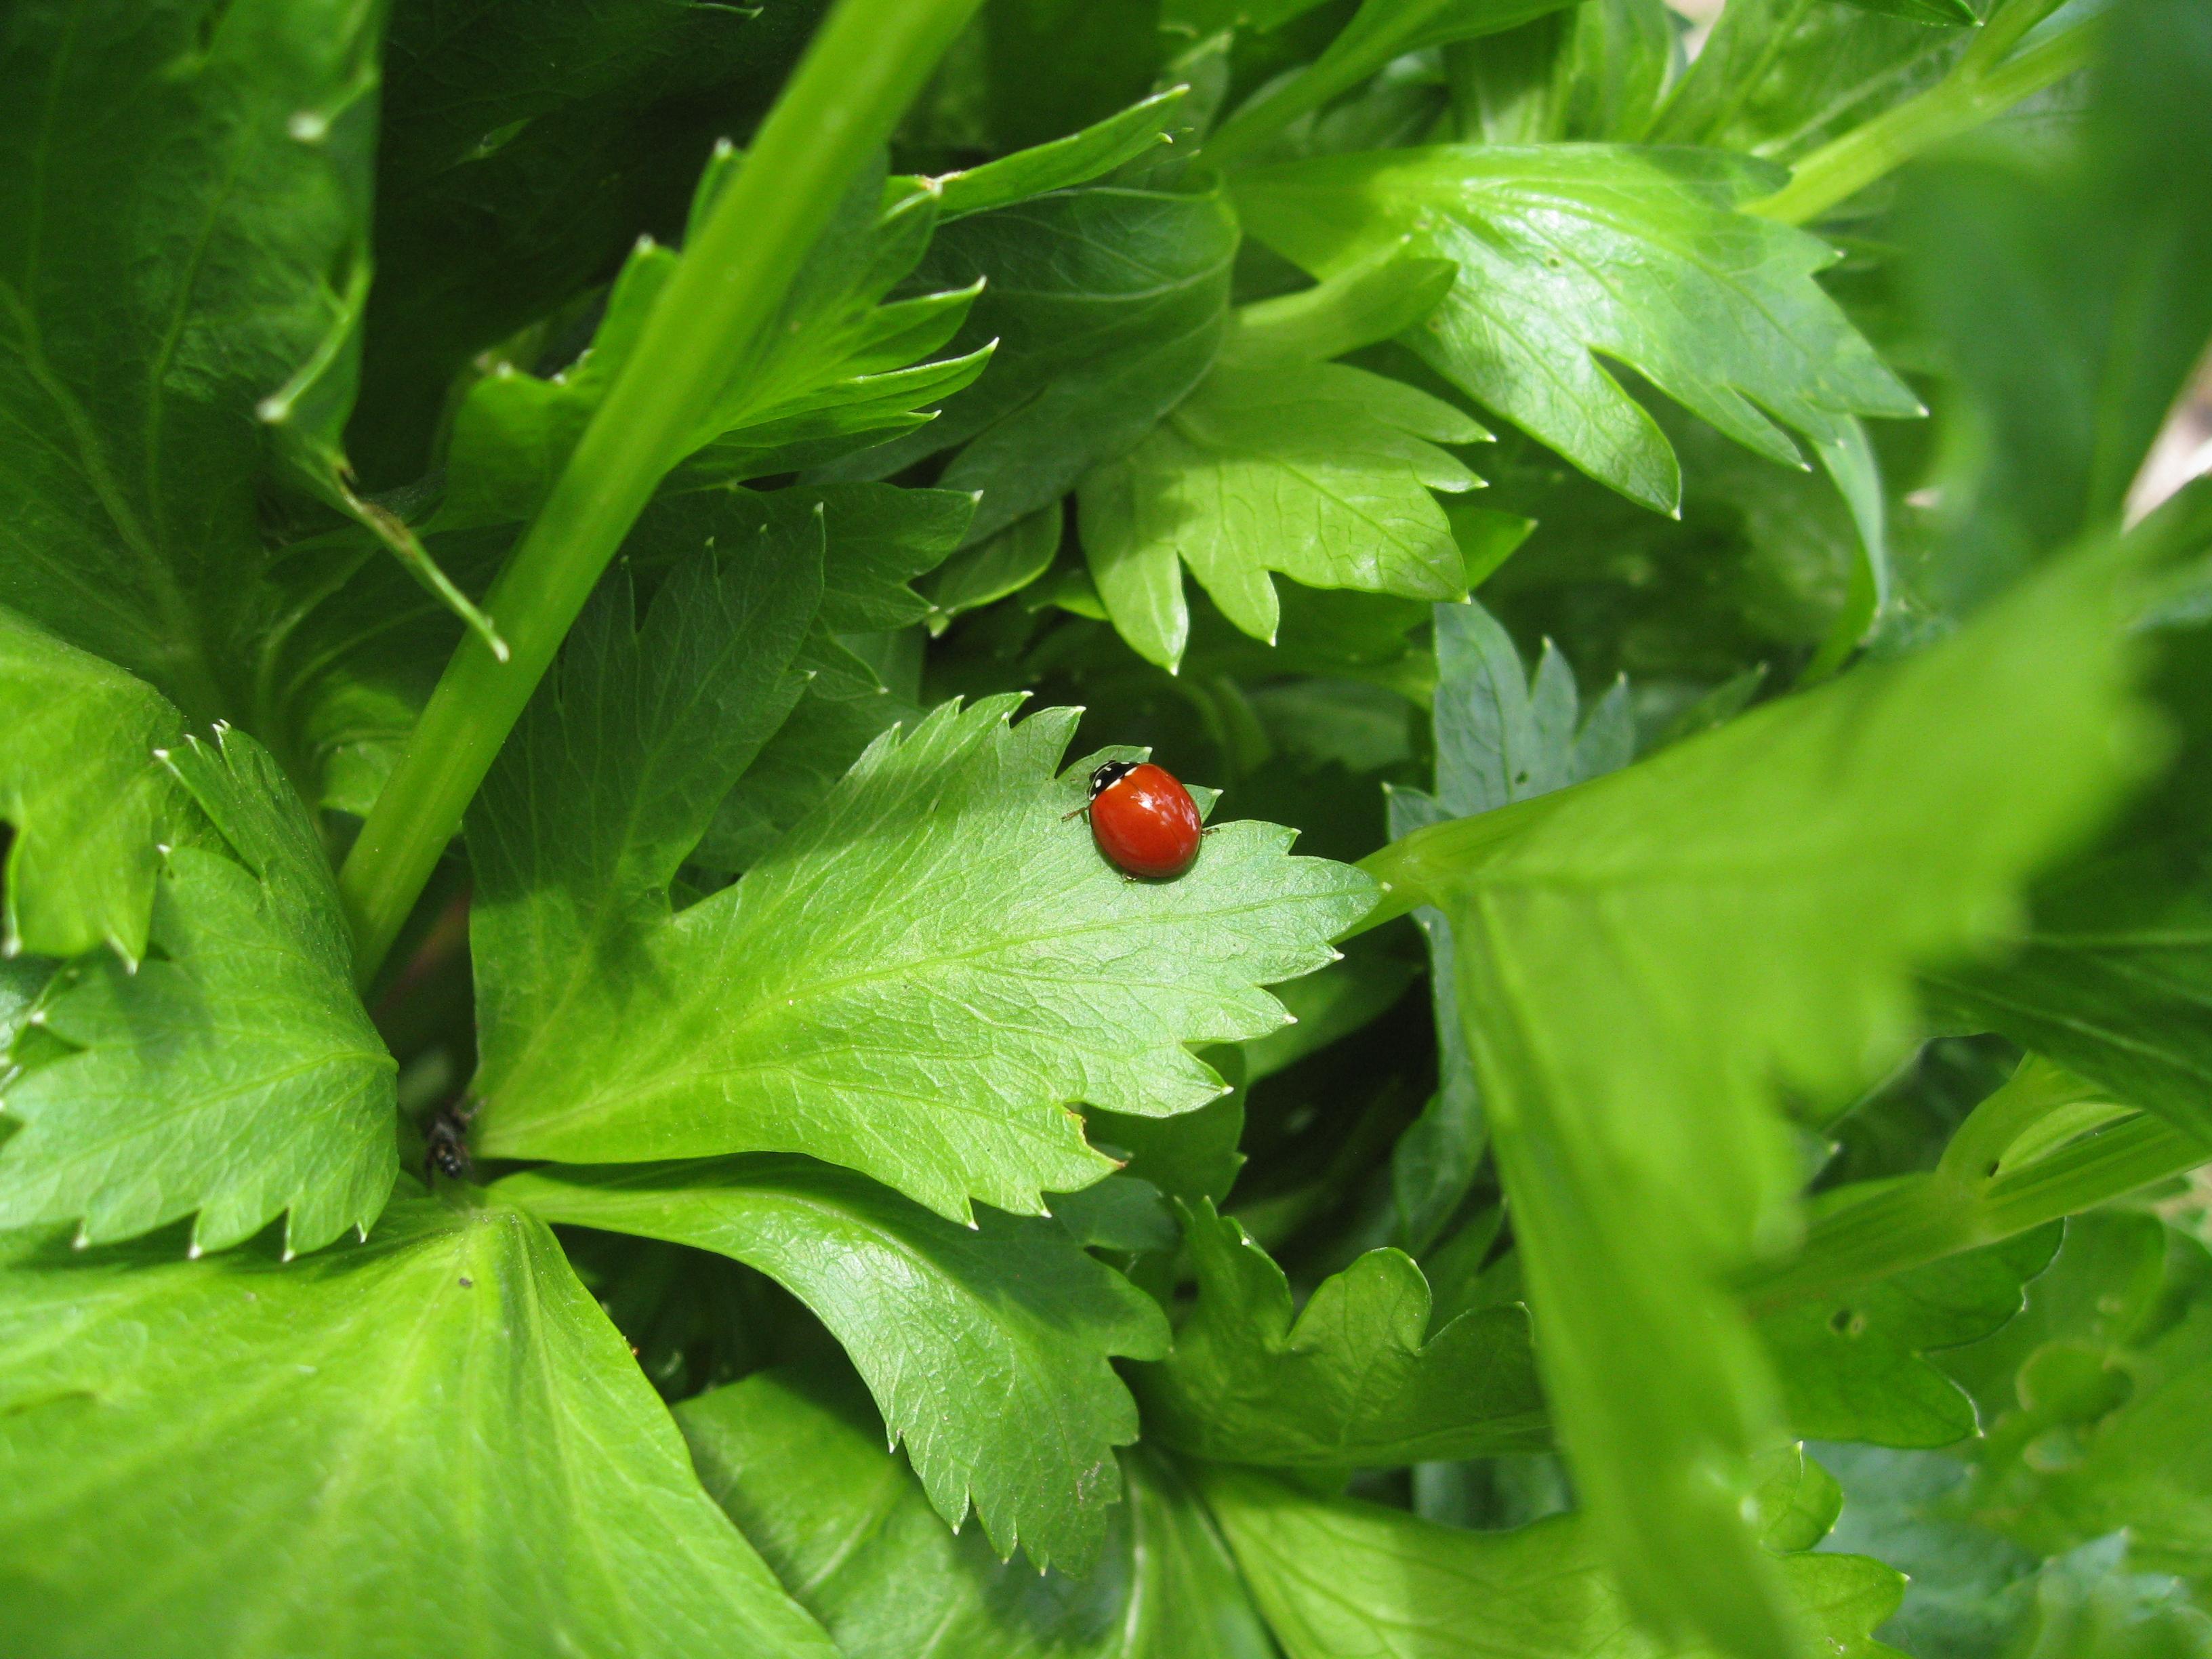 Lady bug on celery